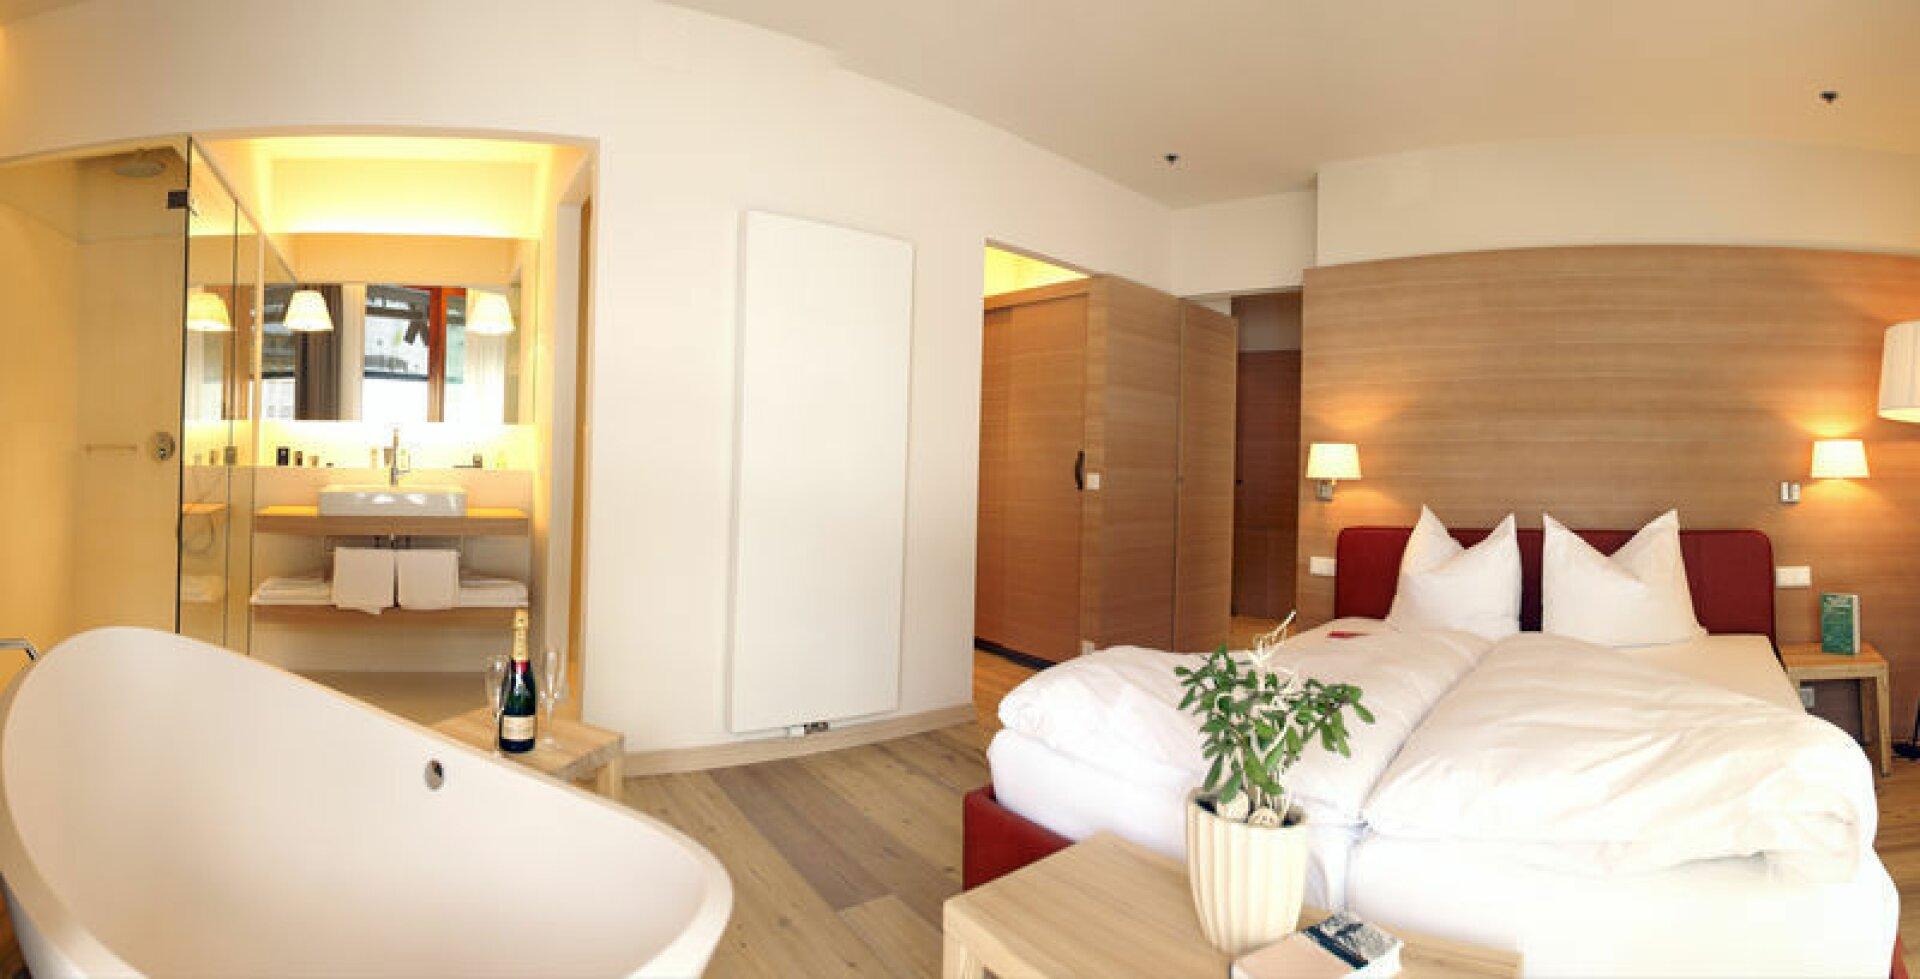 Apartment-90-3